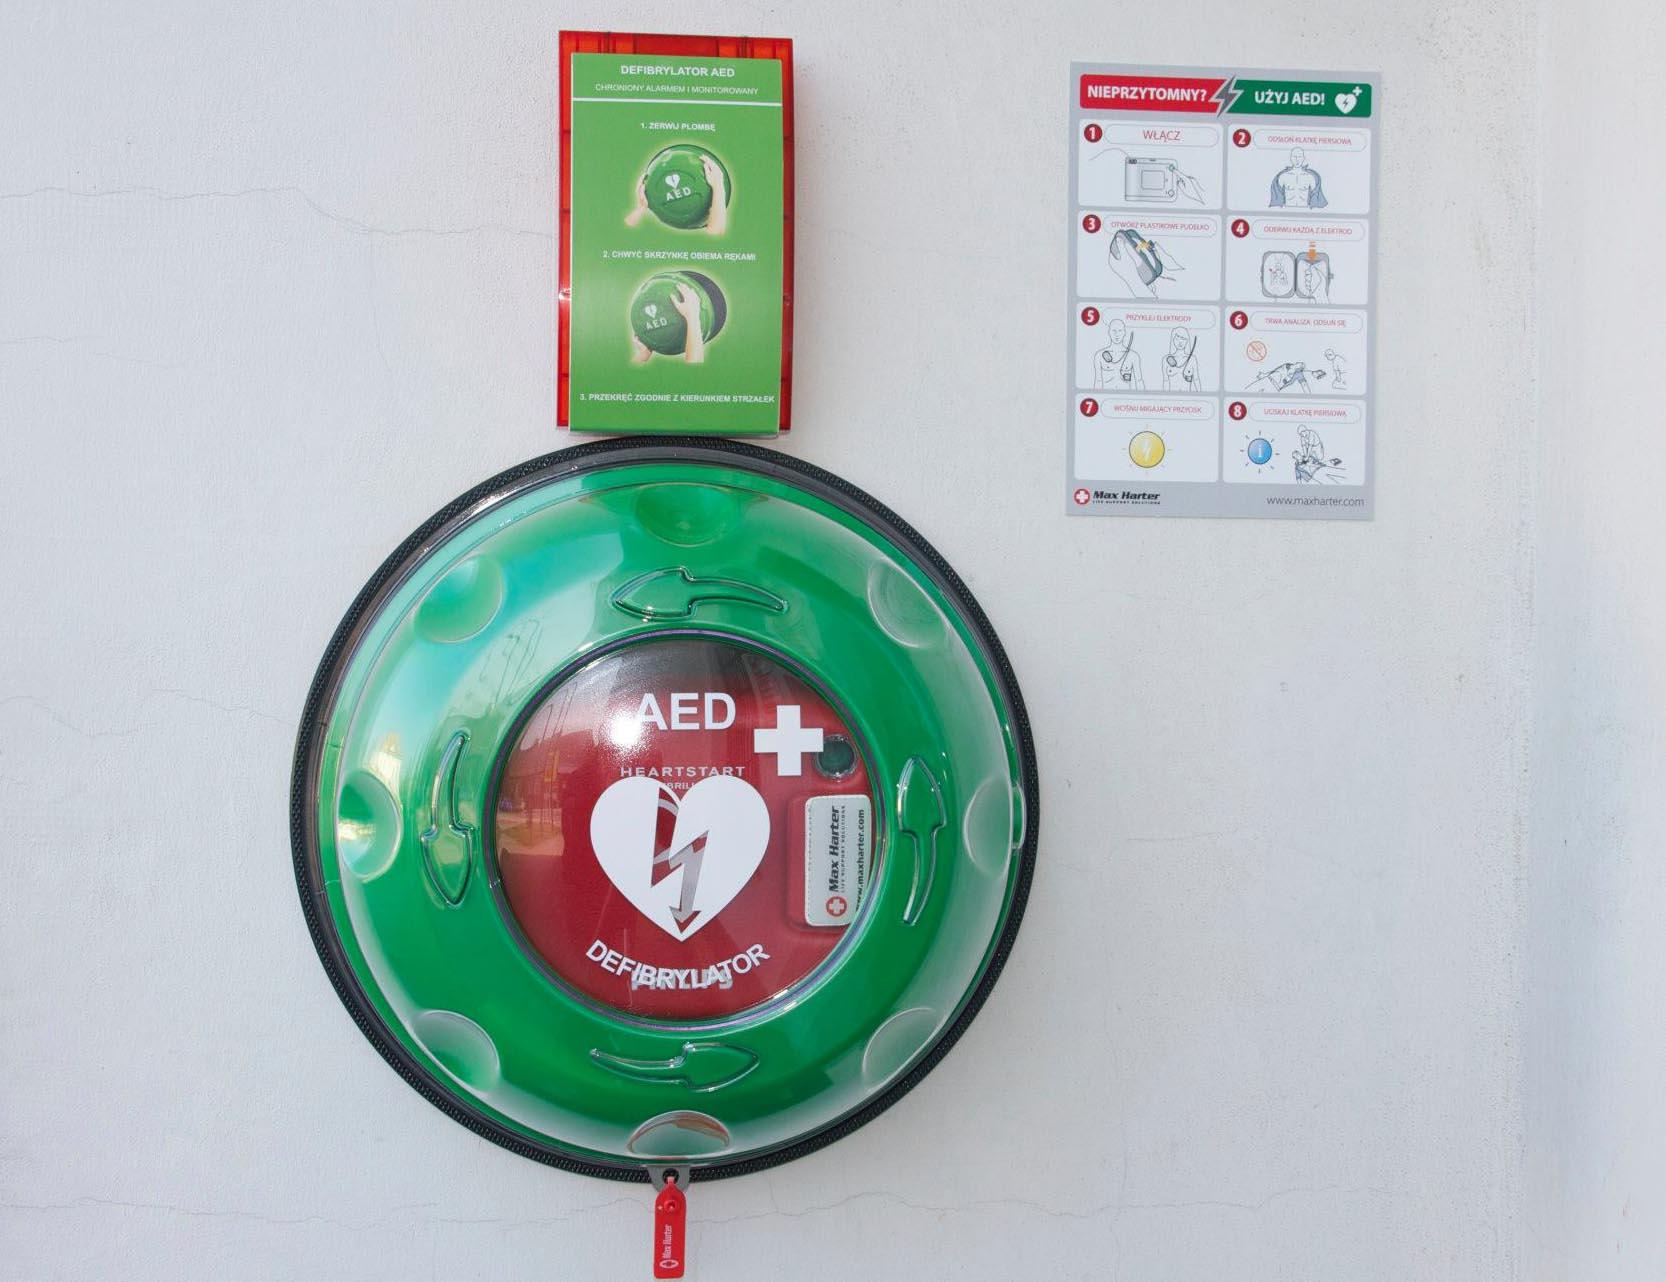 Powszechny dostęp do defibrylatorów. Sprawdź gdzie jest najbliższy!